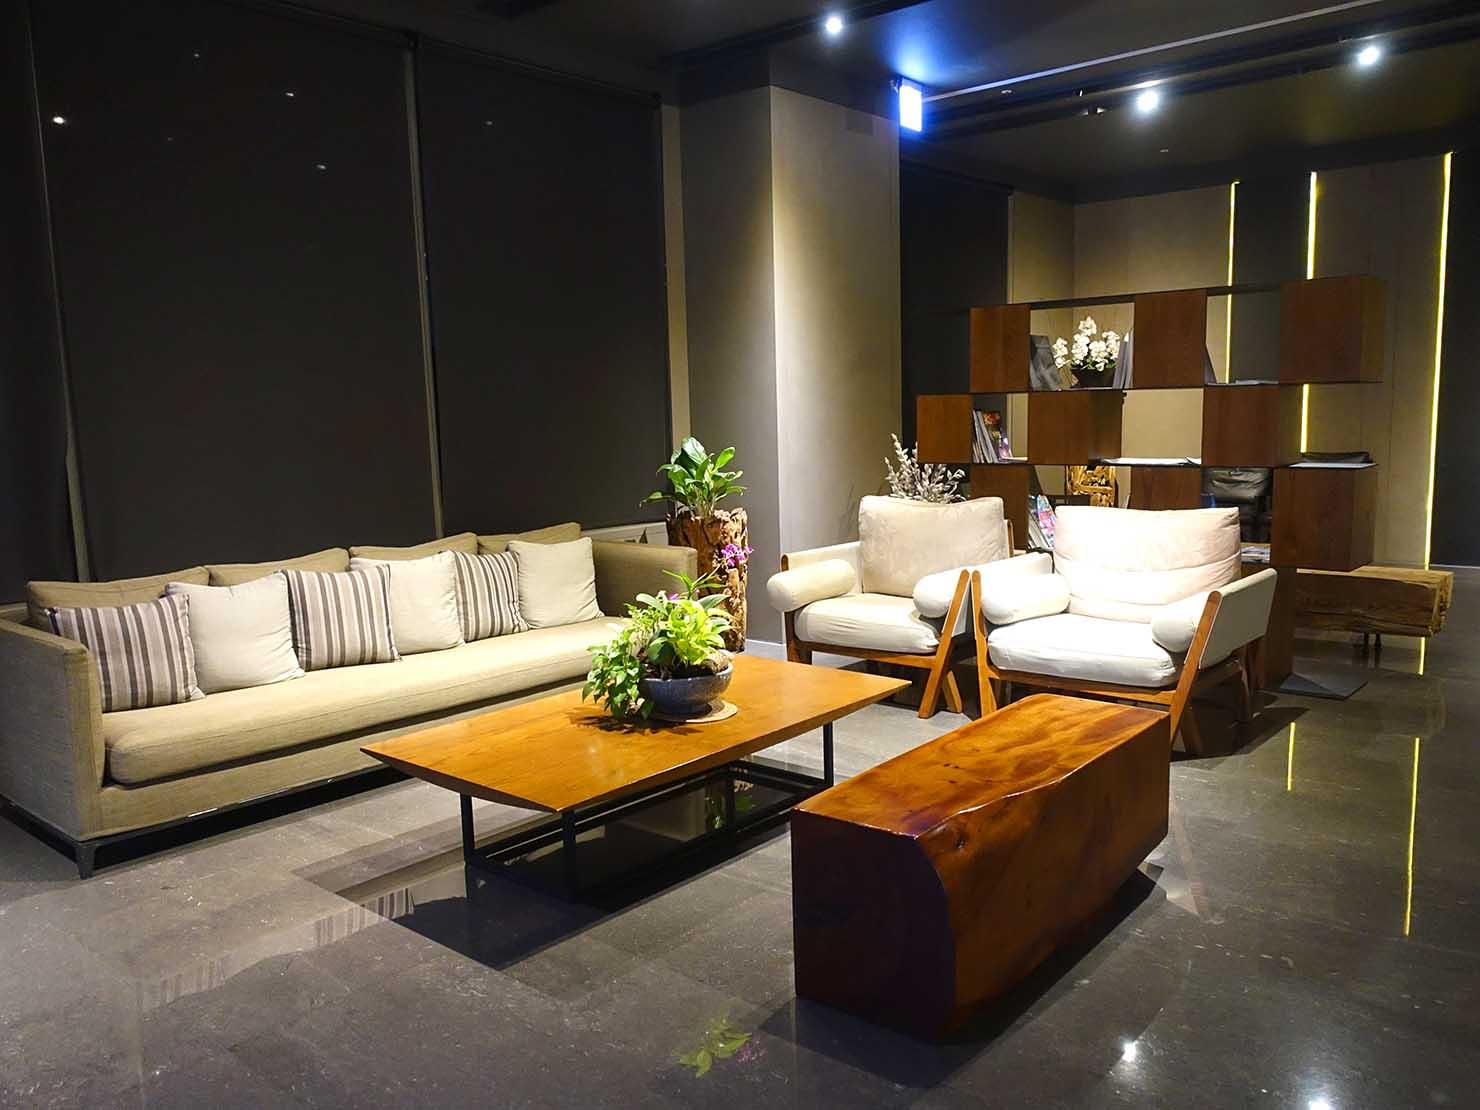 嘉義のおすすめホテル「嘉義觀止」ロビーのソファ